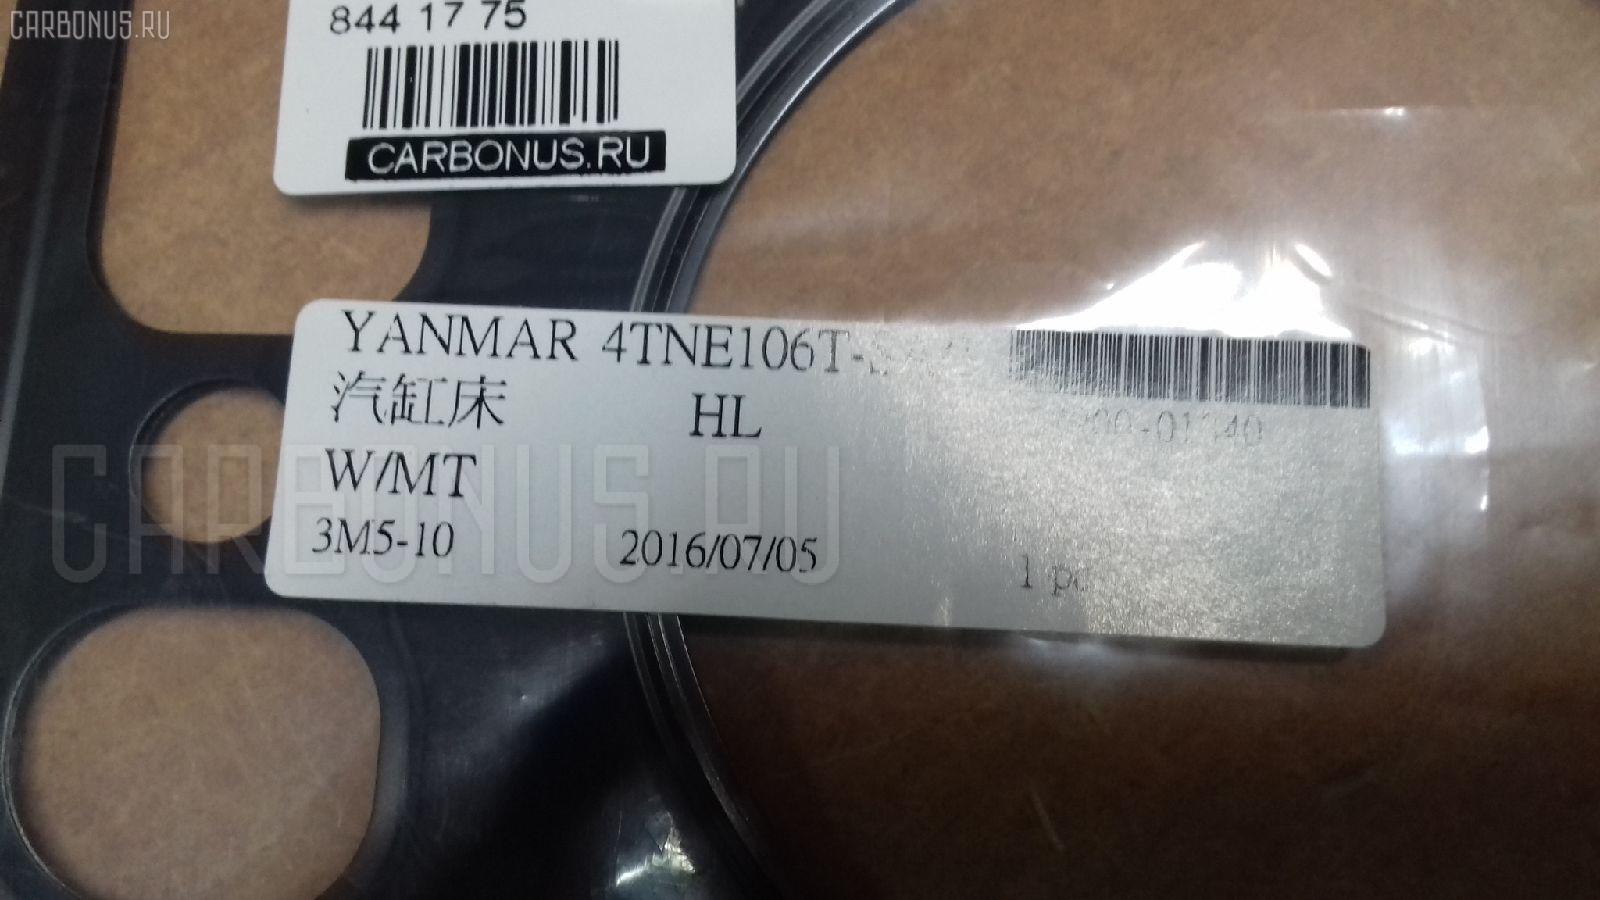 Прокладка под головку ДВС YANMAR 4TNV106 4TNV106 Фото 1